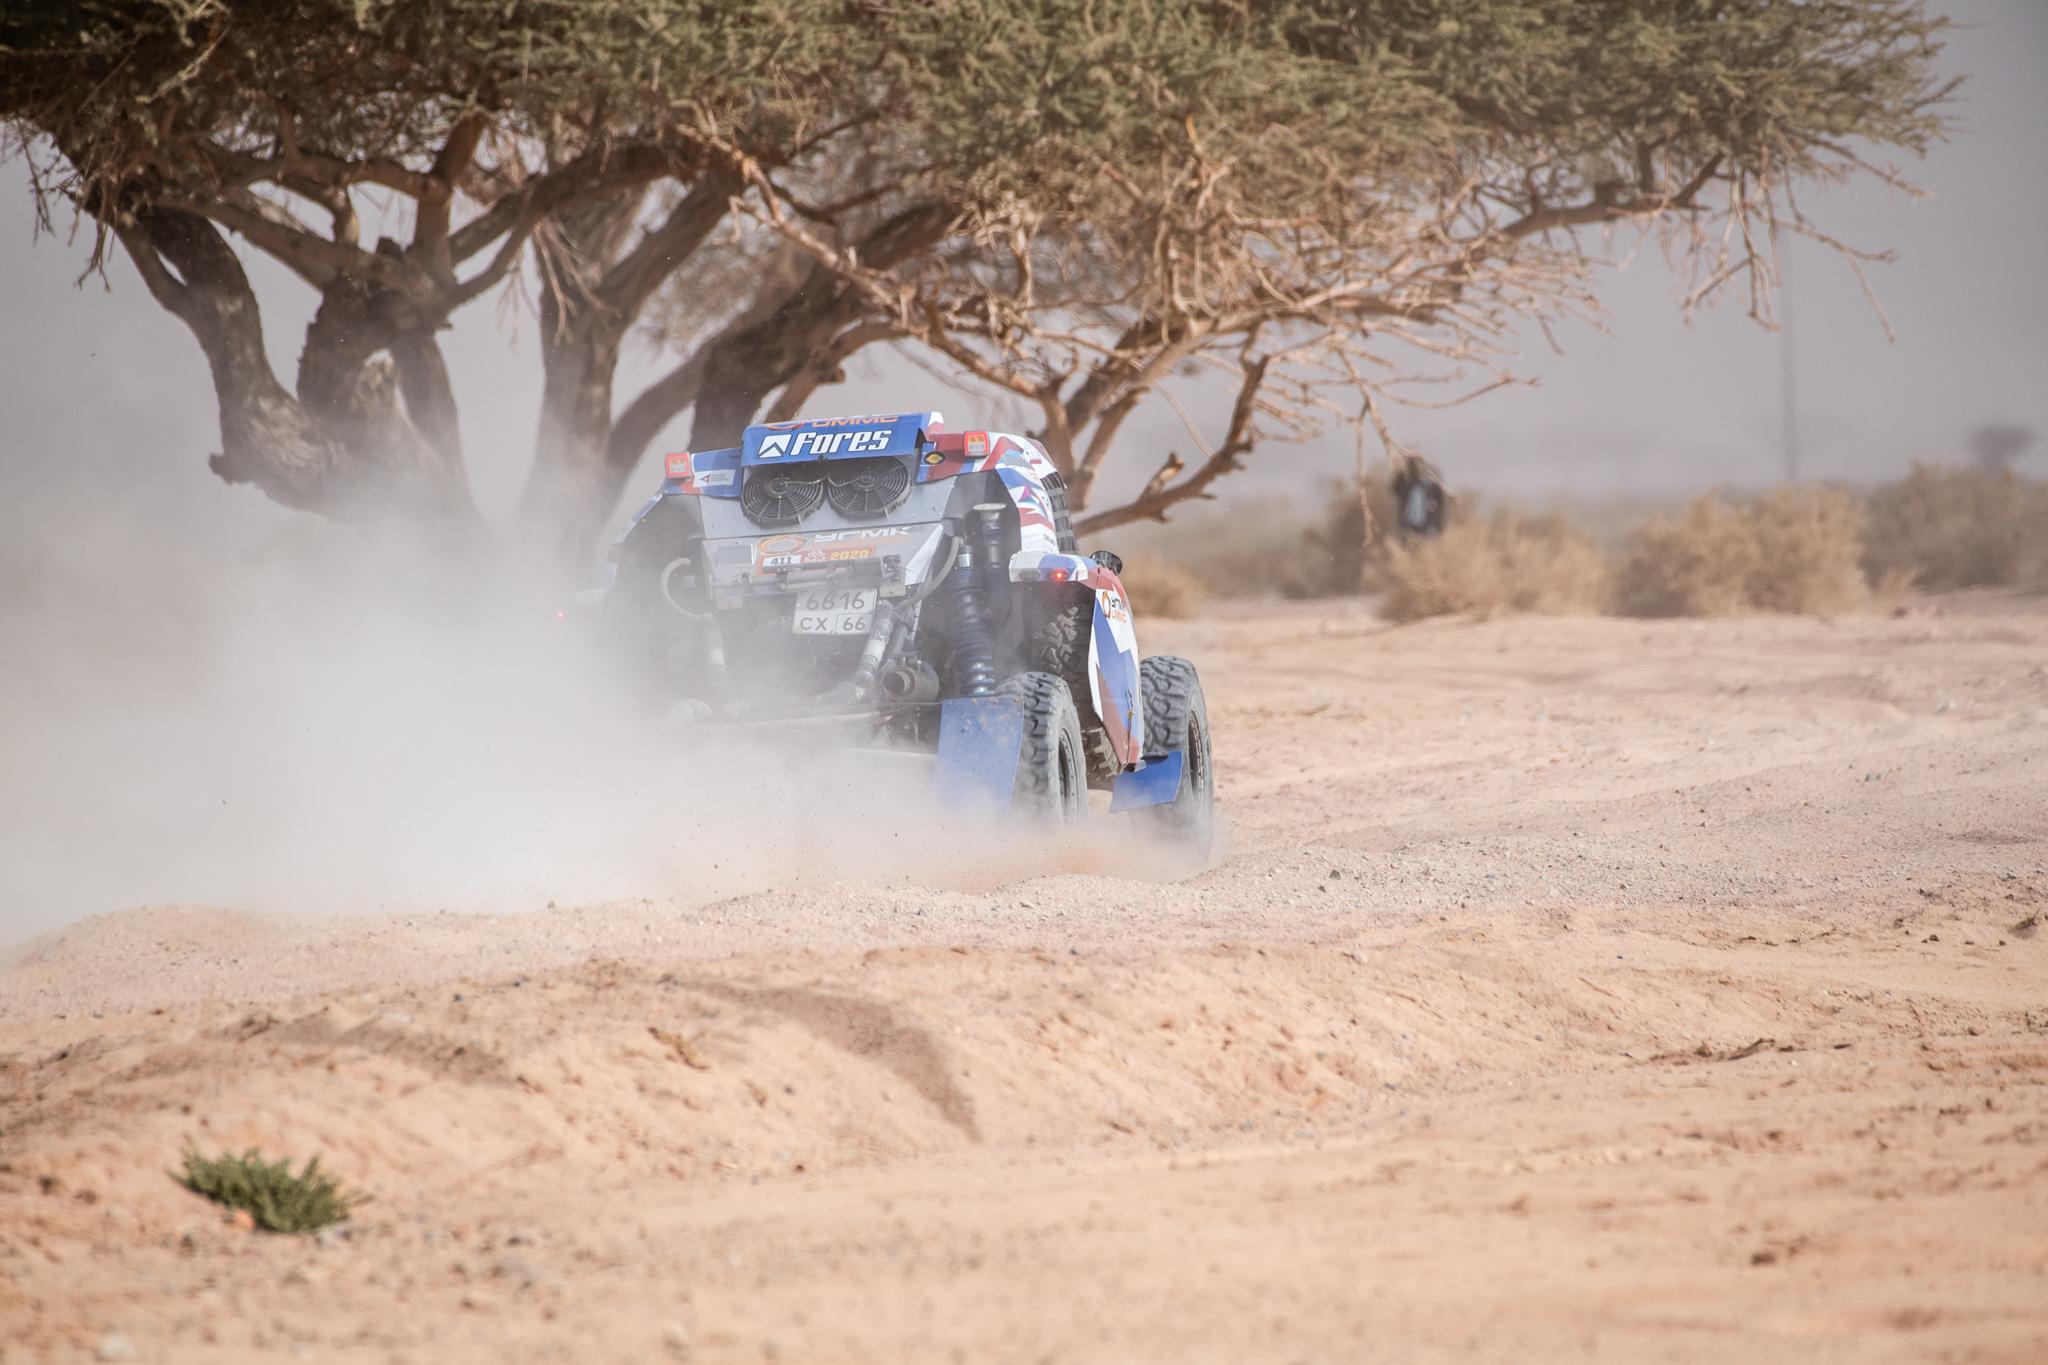 Добро пожаловать в «каменный ад» – итоги четвёртого этапа Dakar 2020 для Snag Racing Team